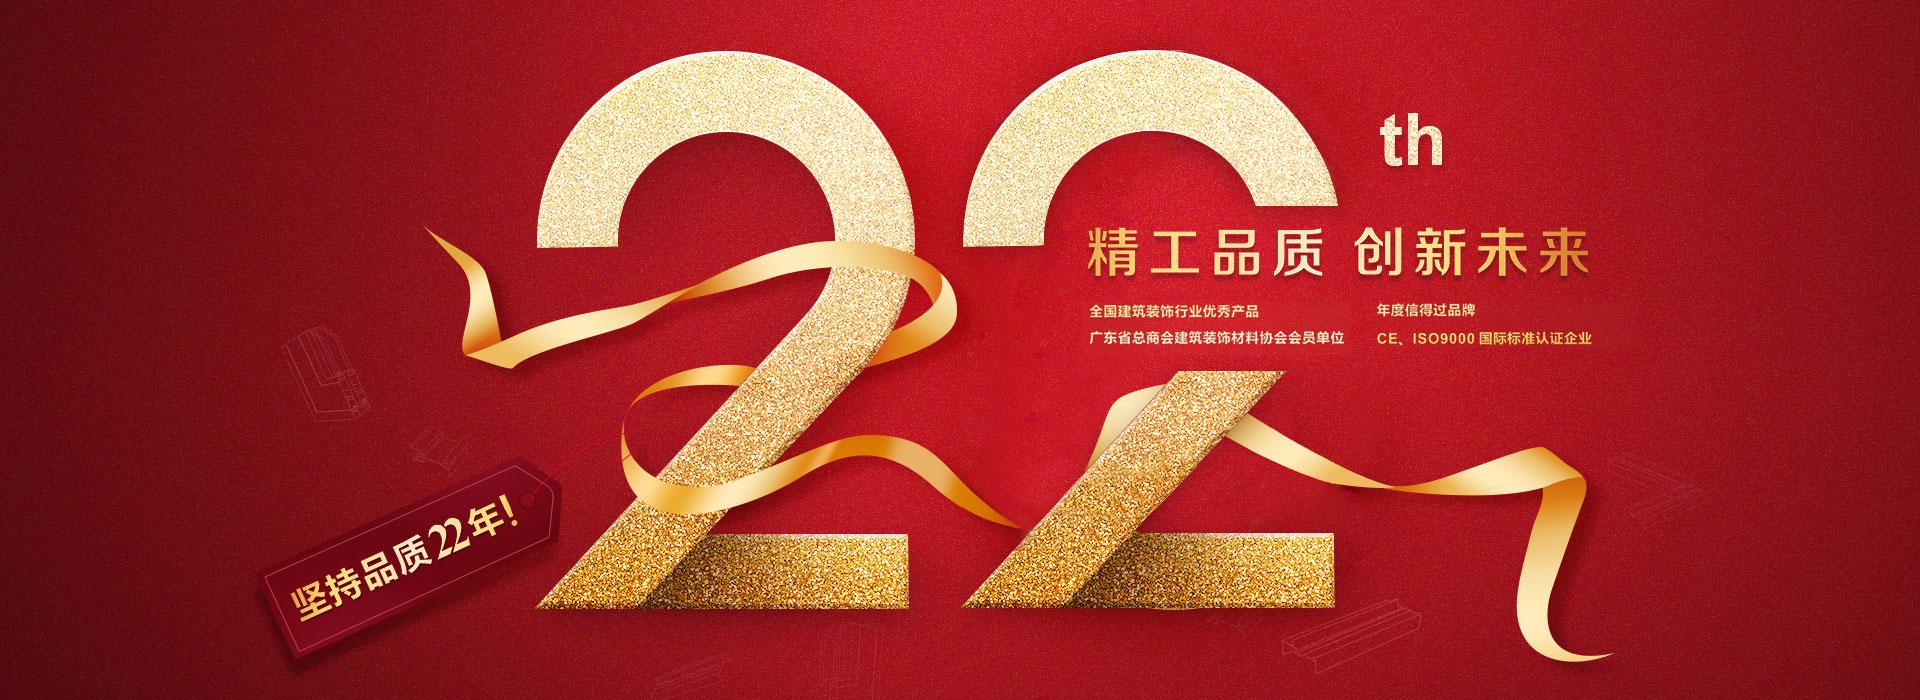 兴龙天花吊顶22年精工品质创新未来